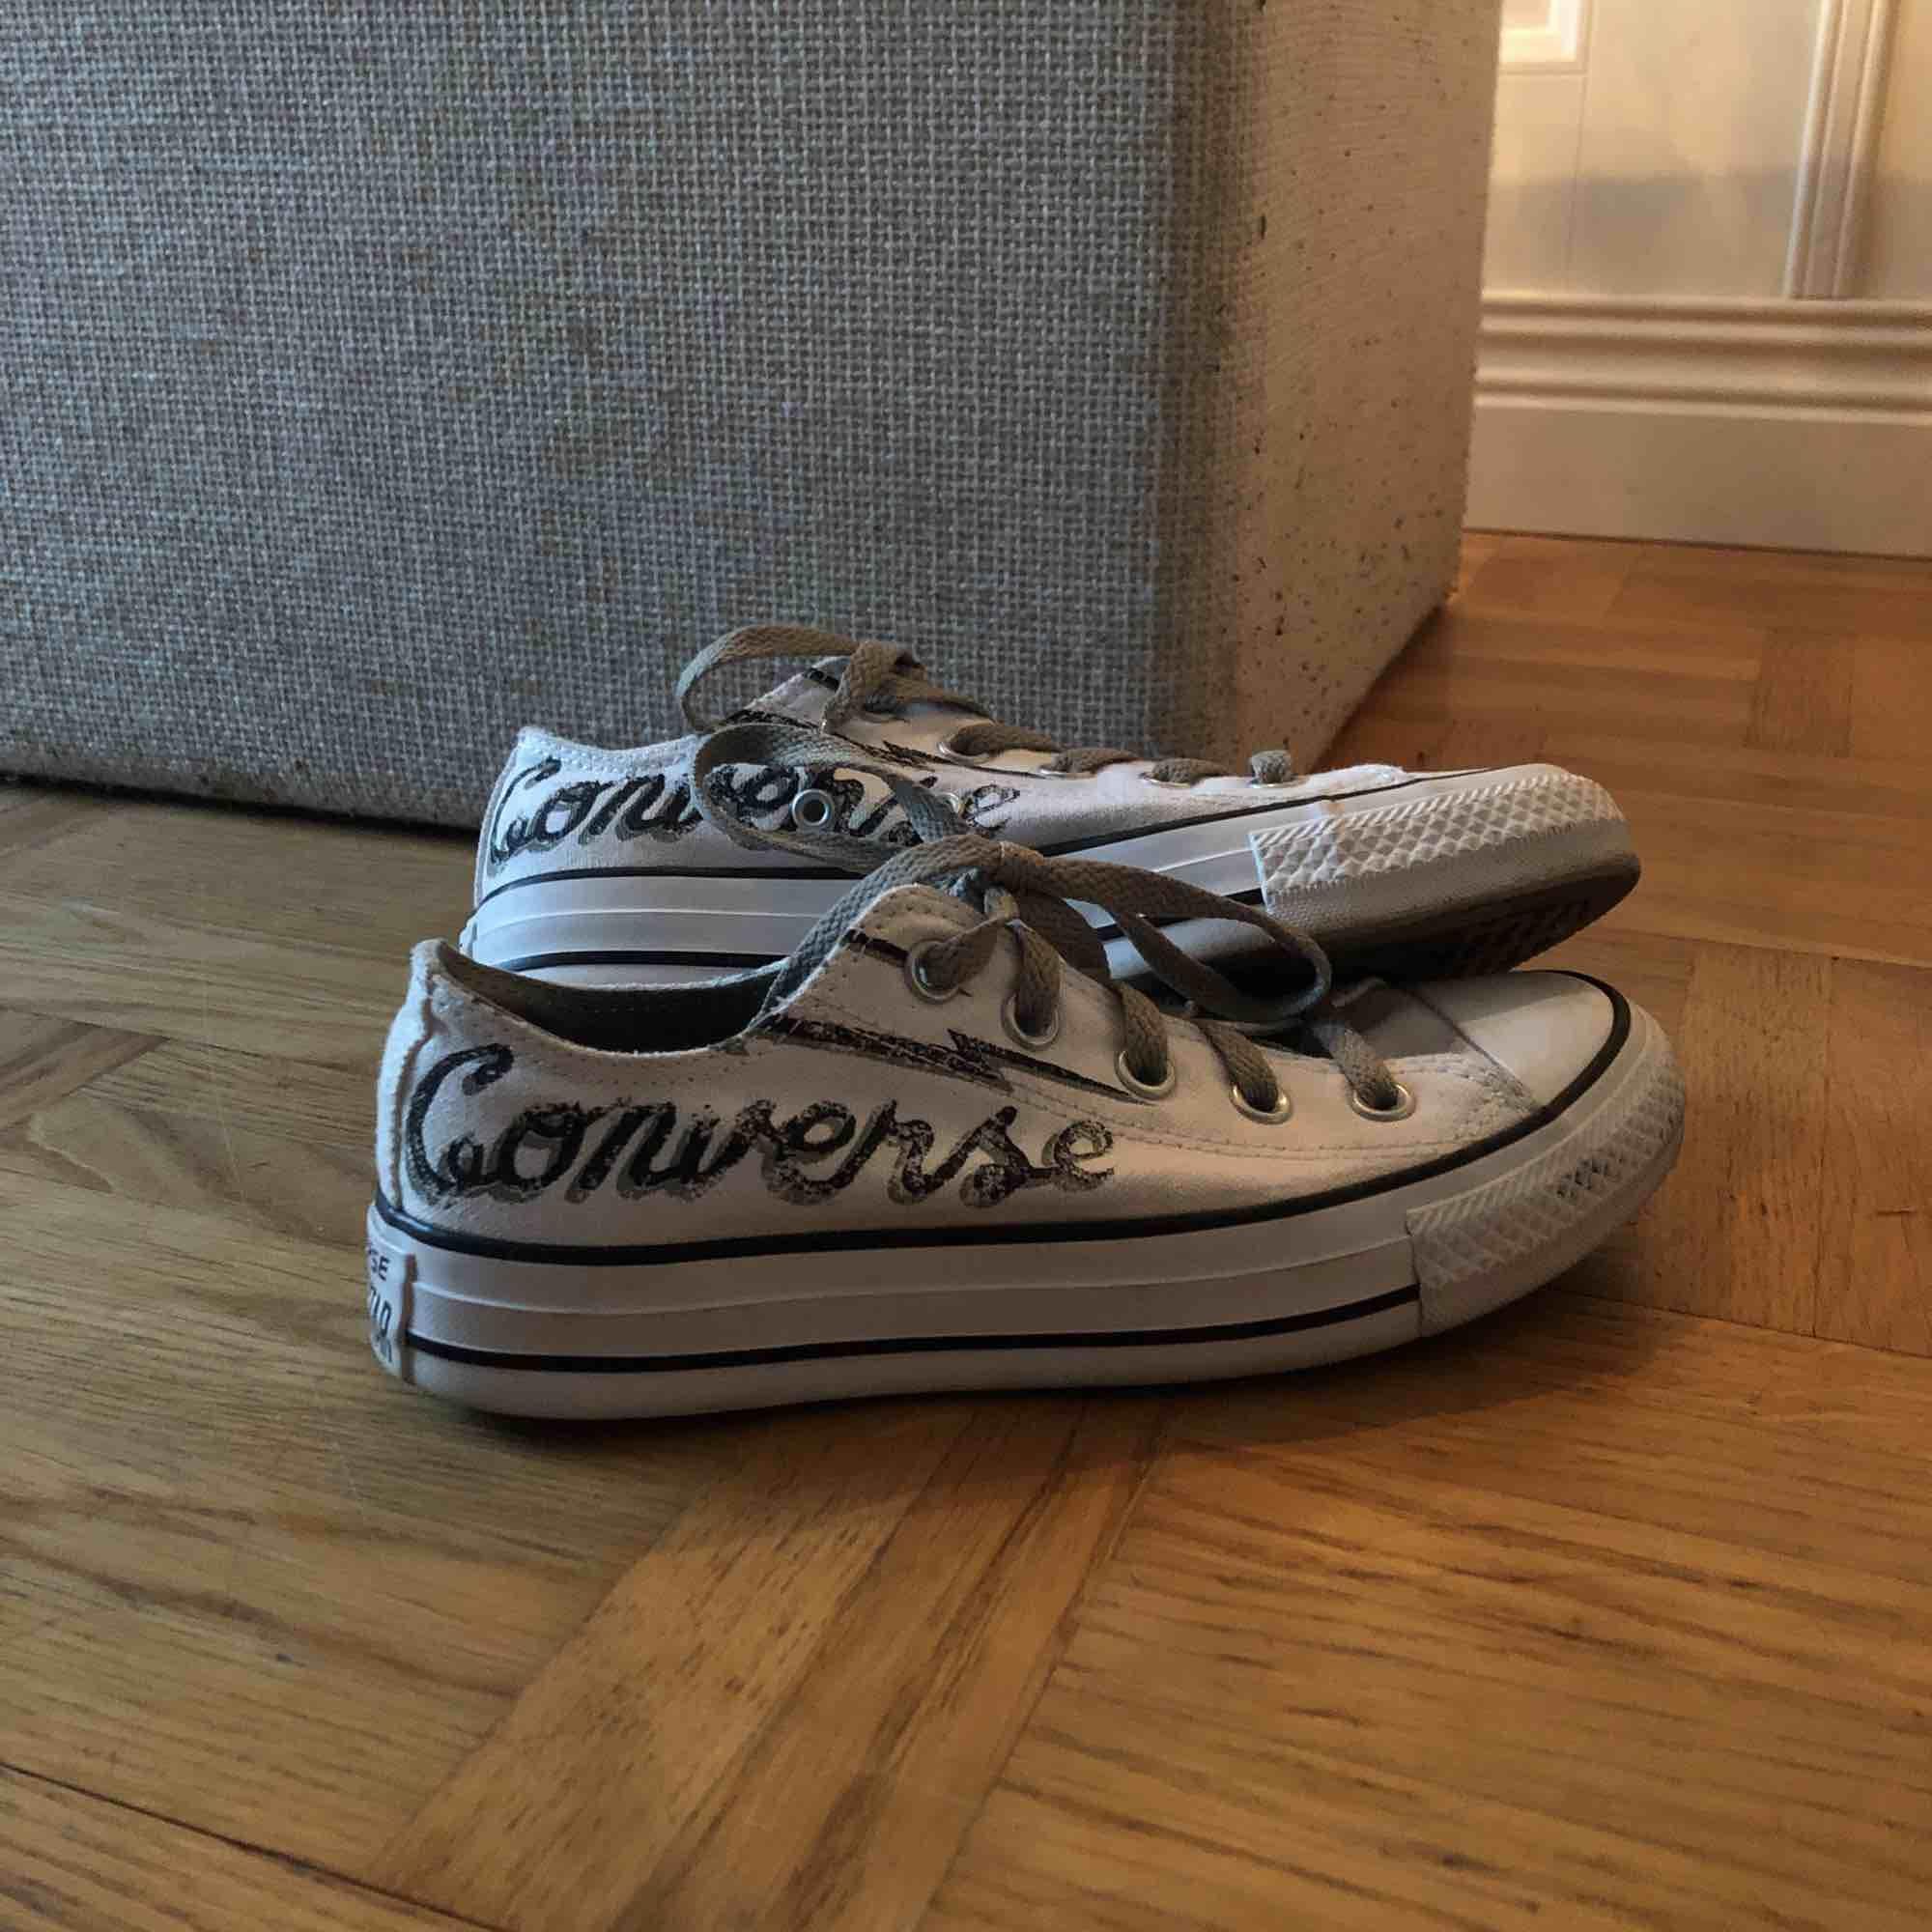 Converse chuck taylors, väldigt sällsynta, har inte sett någon annanstans. Storlek 35, andvända endast 1 gång, i jättebra skick!. Skor.